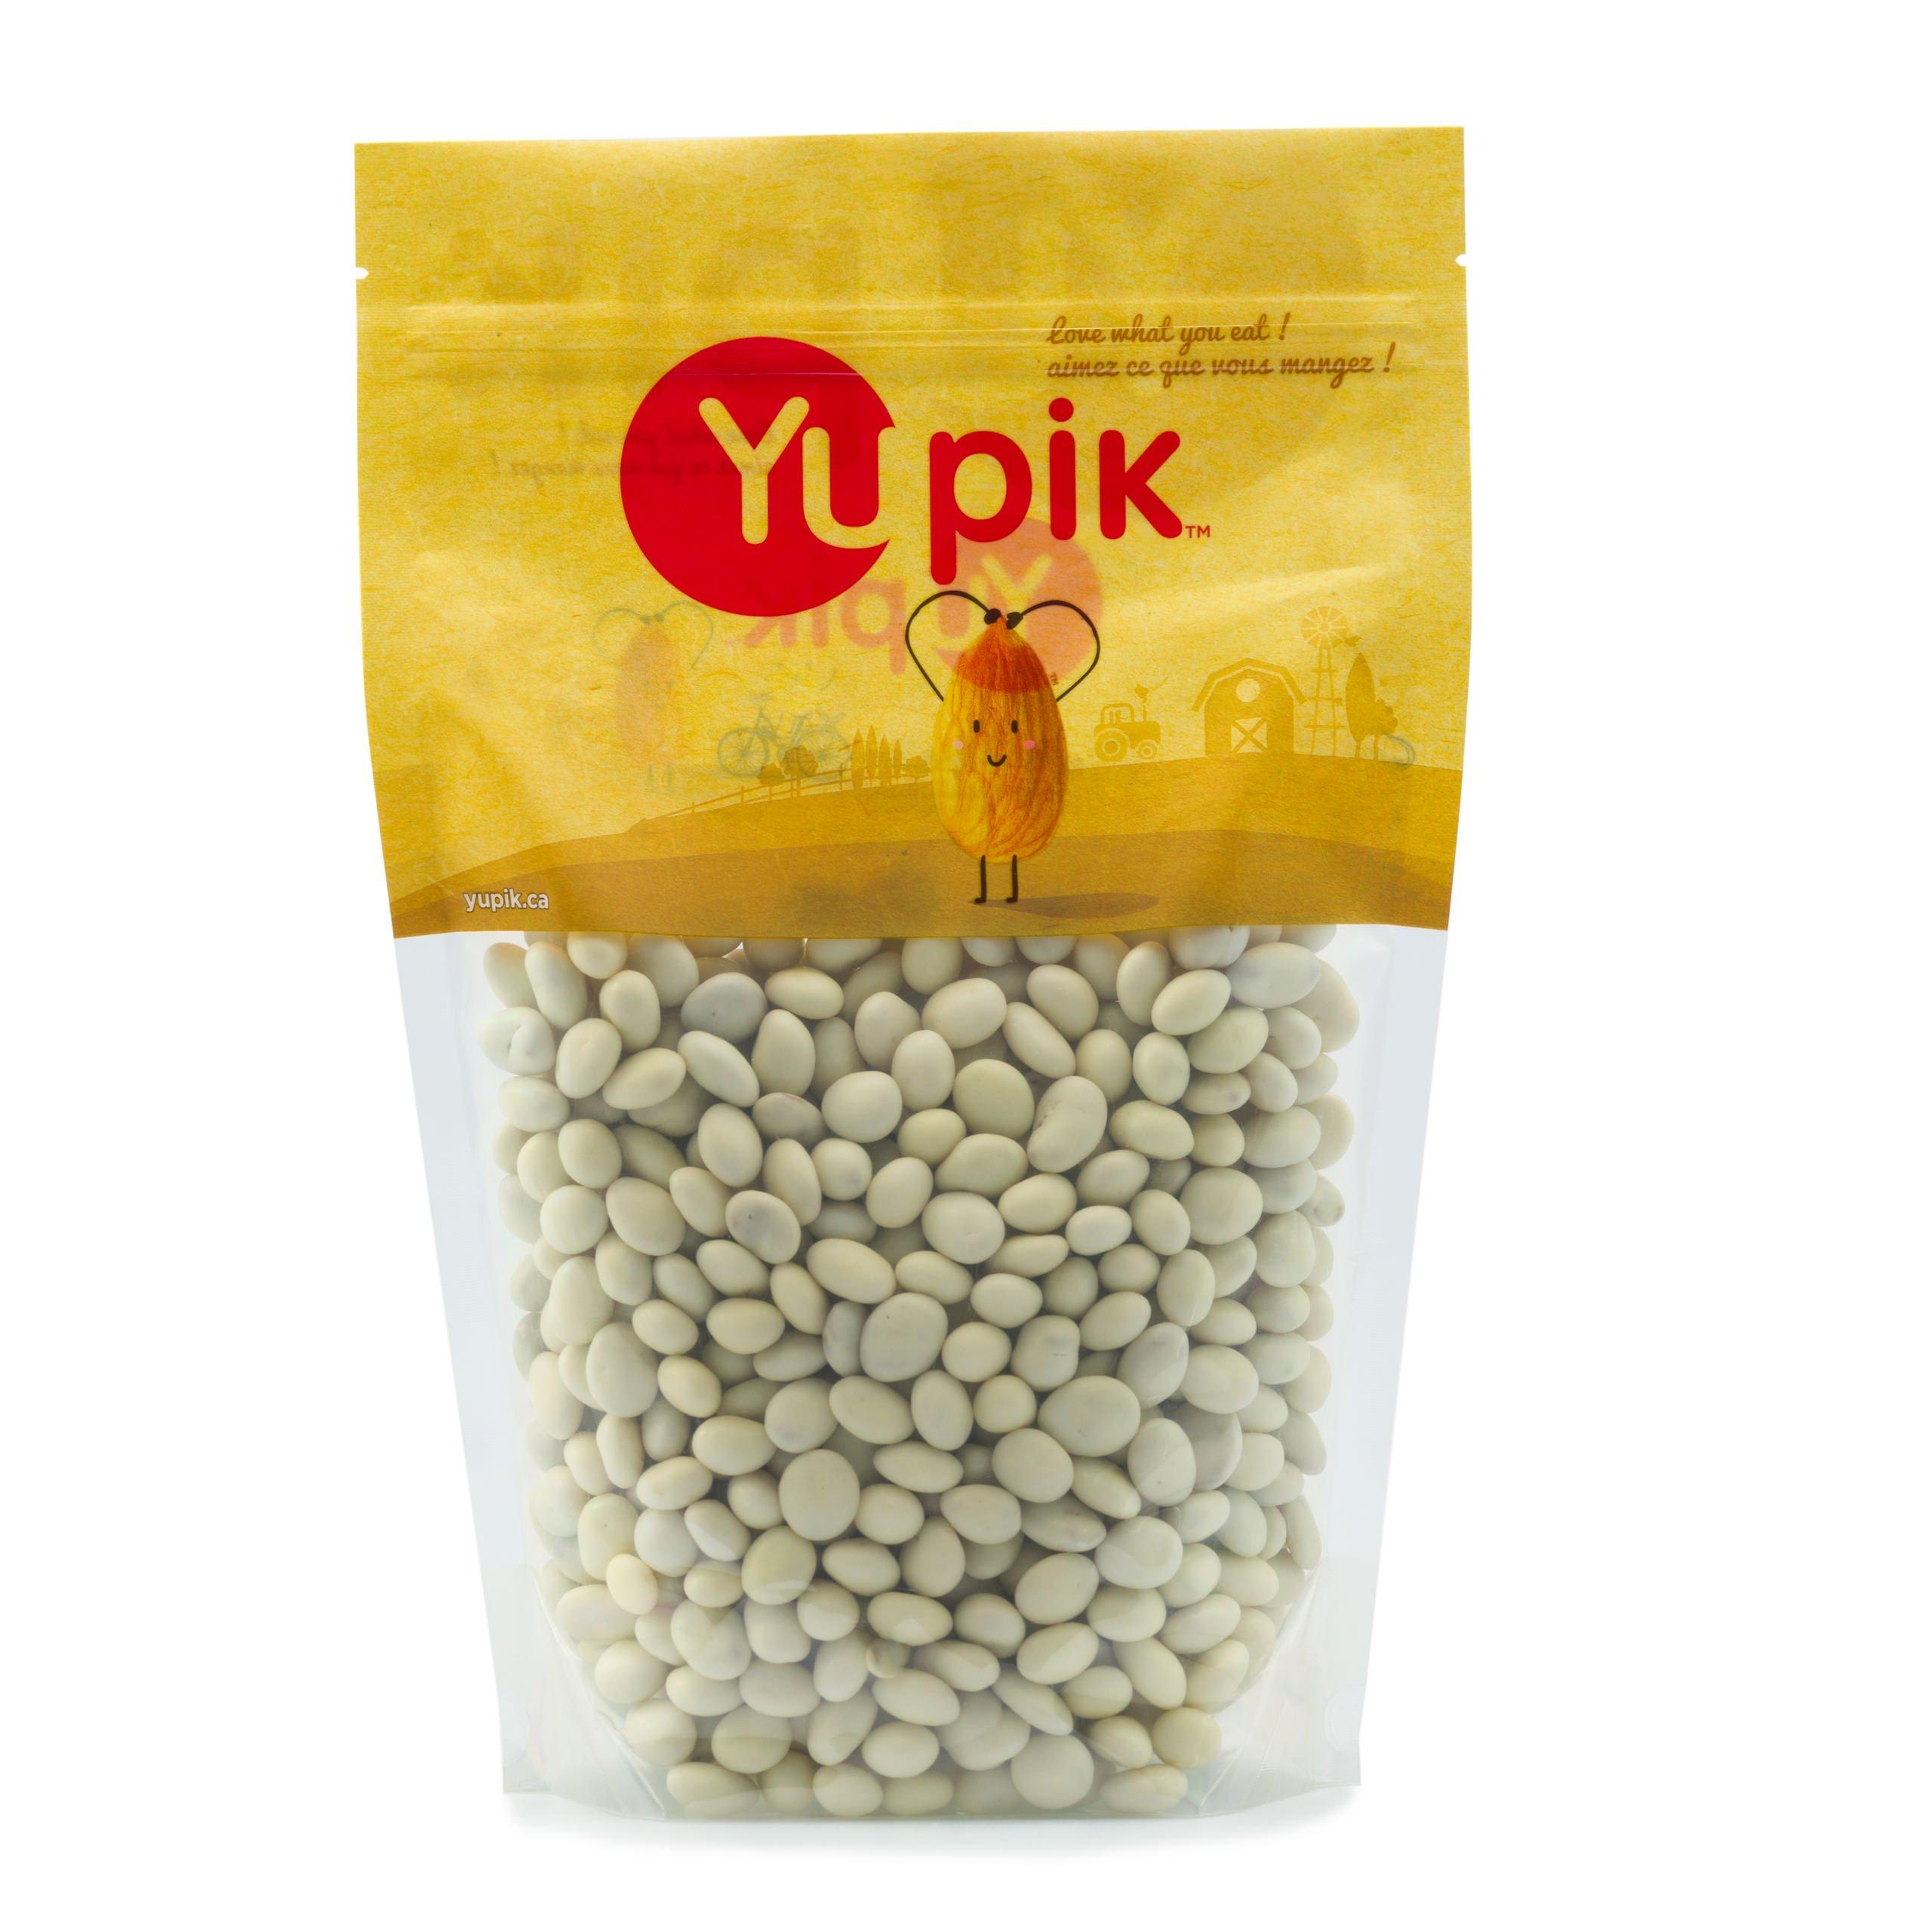 Yupik Greek Yogurt Raisins, 2.2 Pound by Yupik